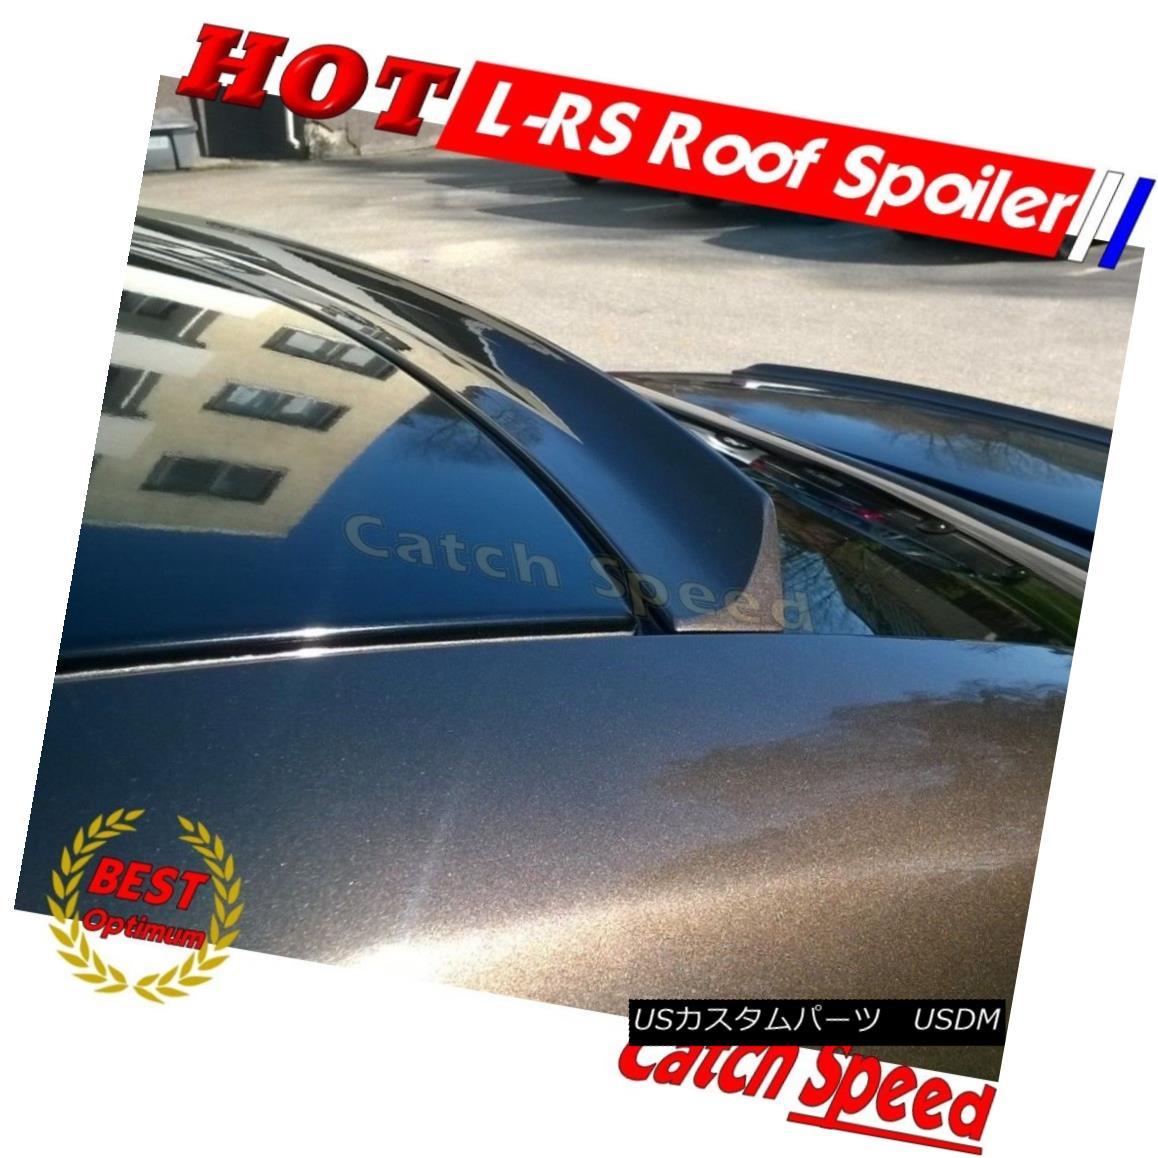 エアロパーツ Painted LRS Rear Roof Spoiler Wing For Hyundai Tiburon 2003-2008 Coupe ? 現代ティブロン2003-2008クーペのために塗装されたLRSリアルーフスポイラーウイング?